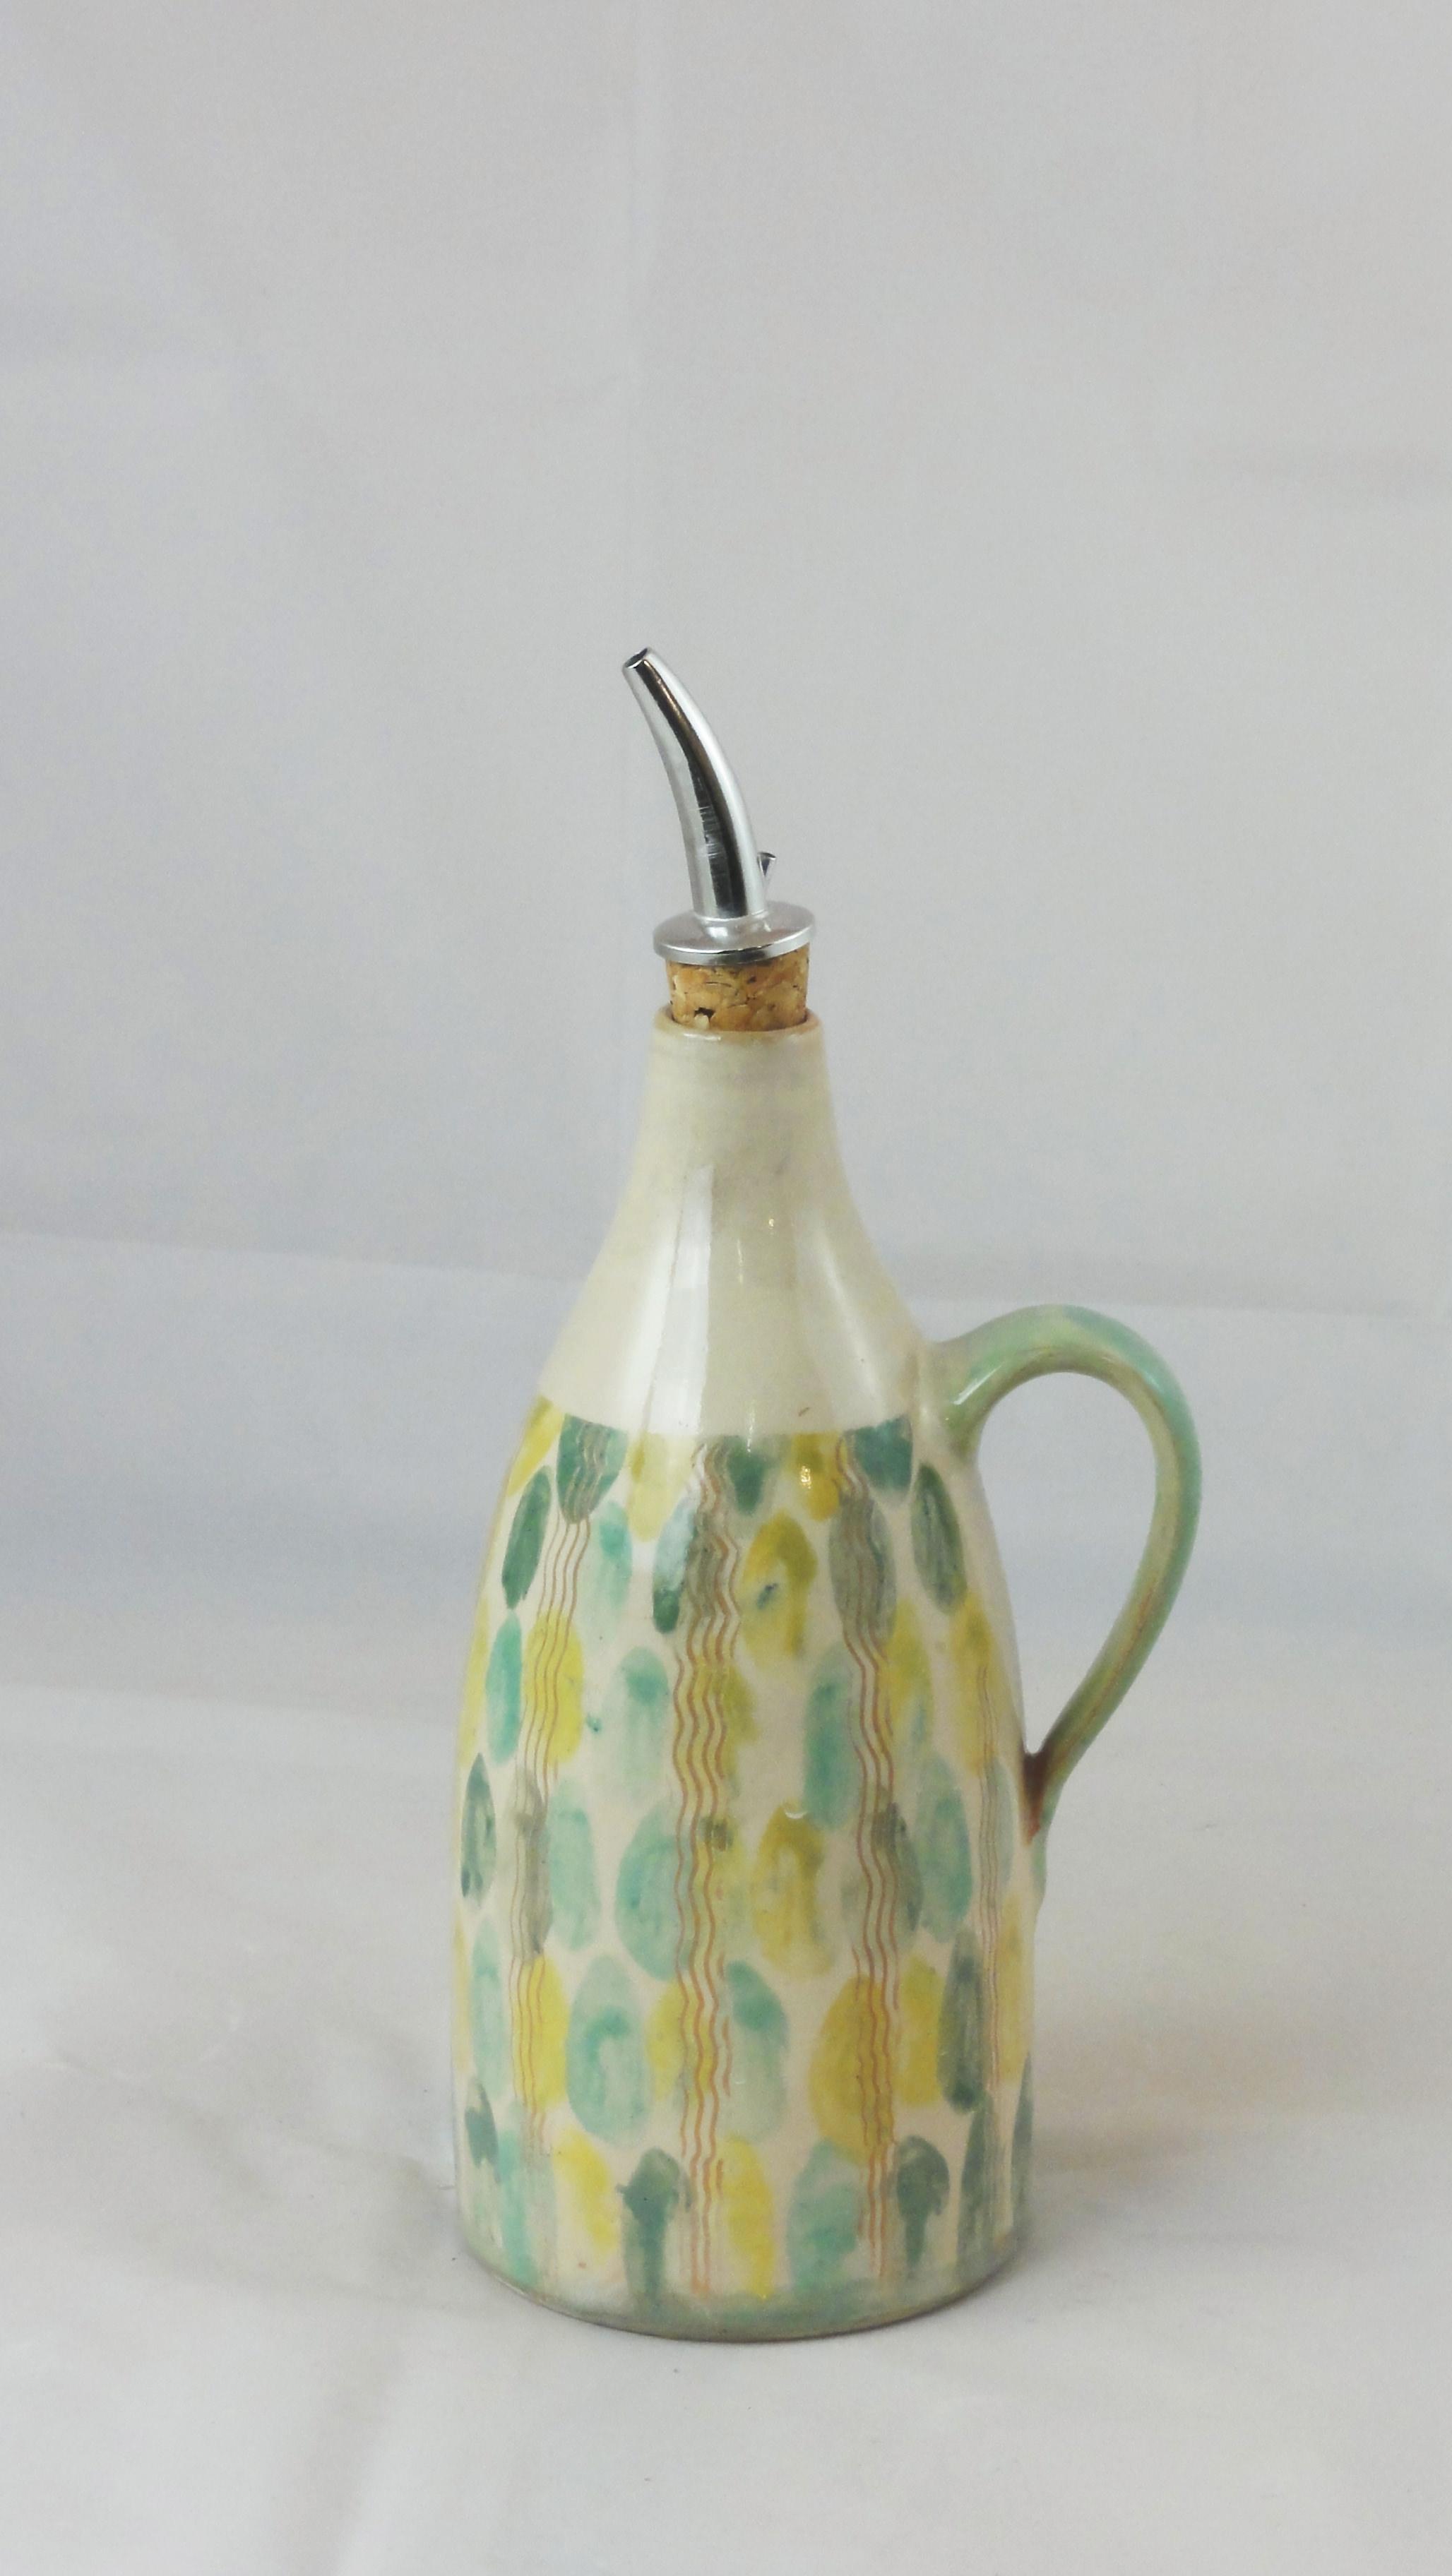 Ölkännchen Pinseldruck grüngrau-limone